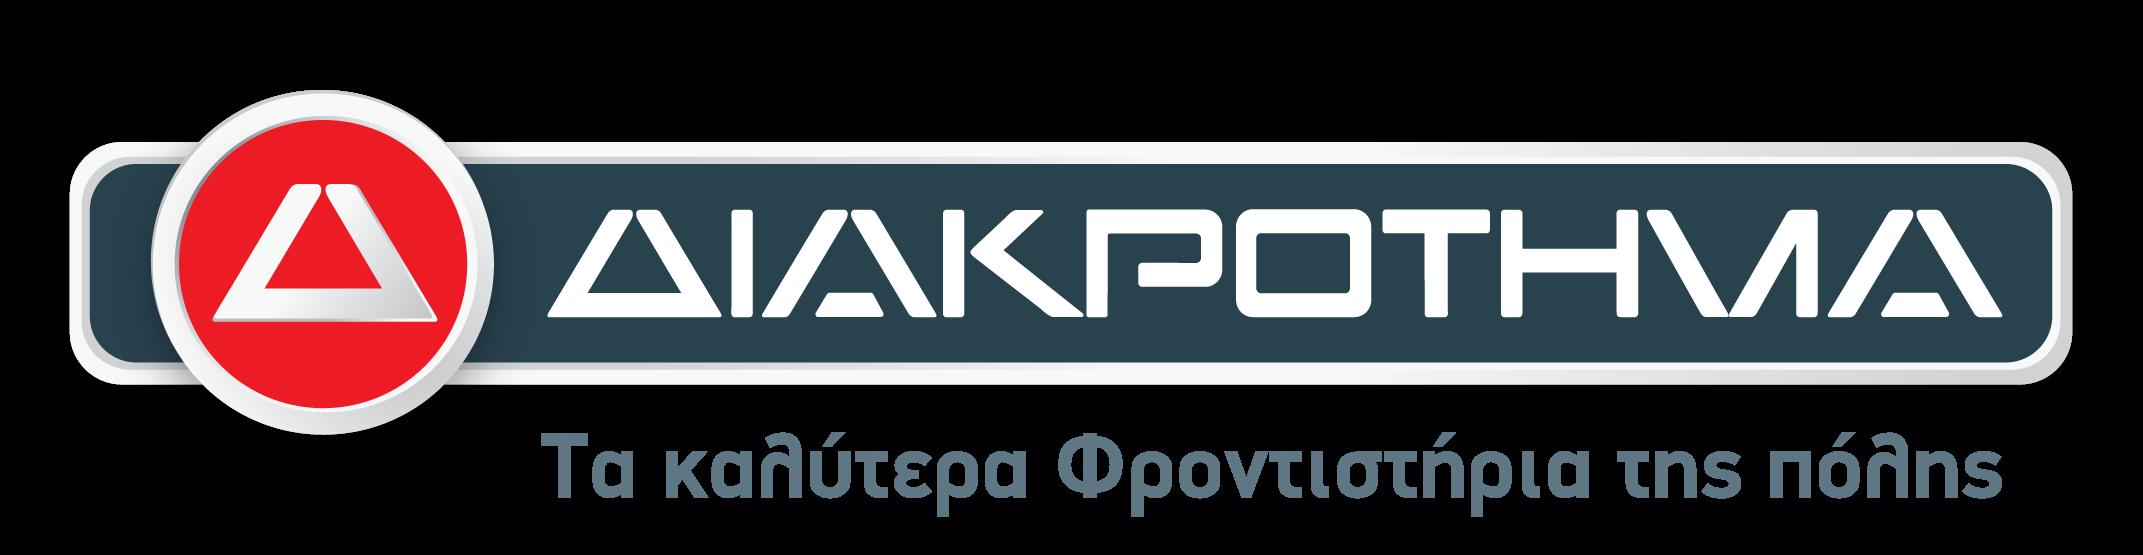 diakrothma_logo.png